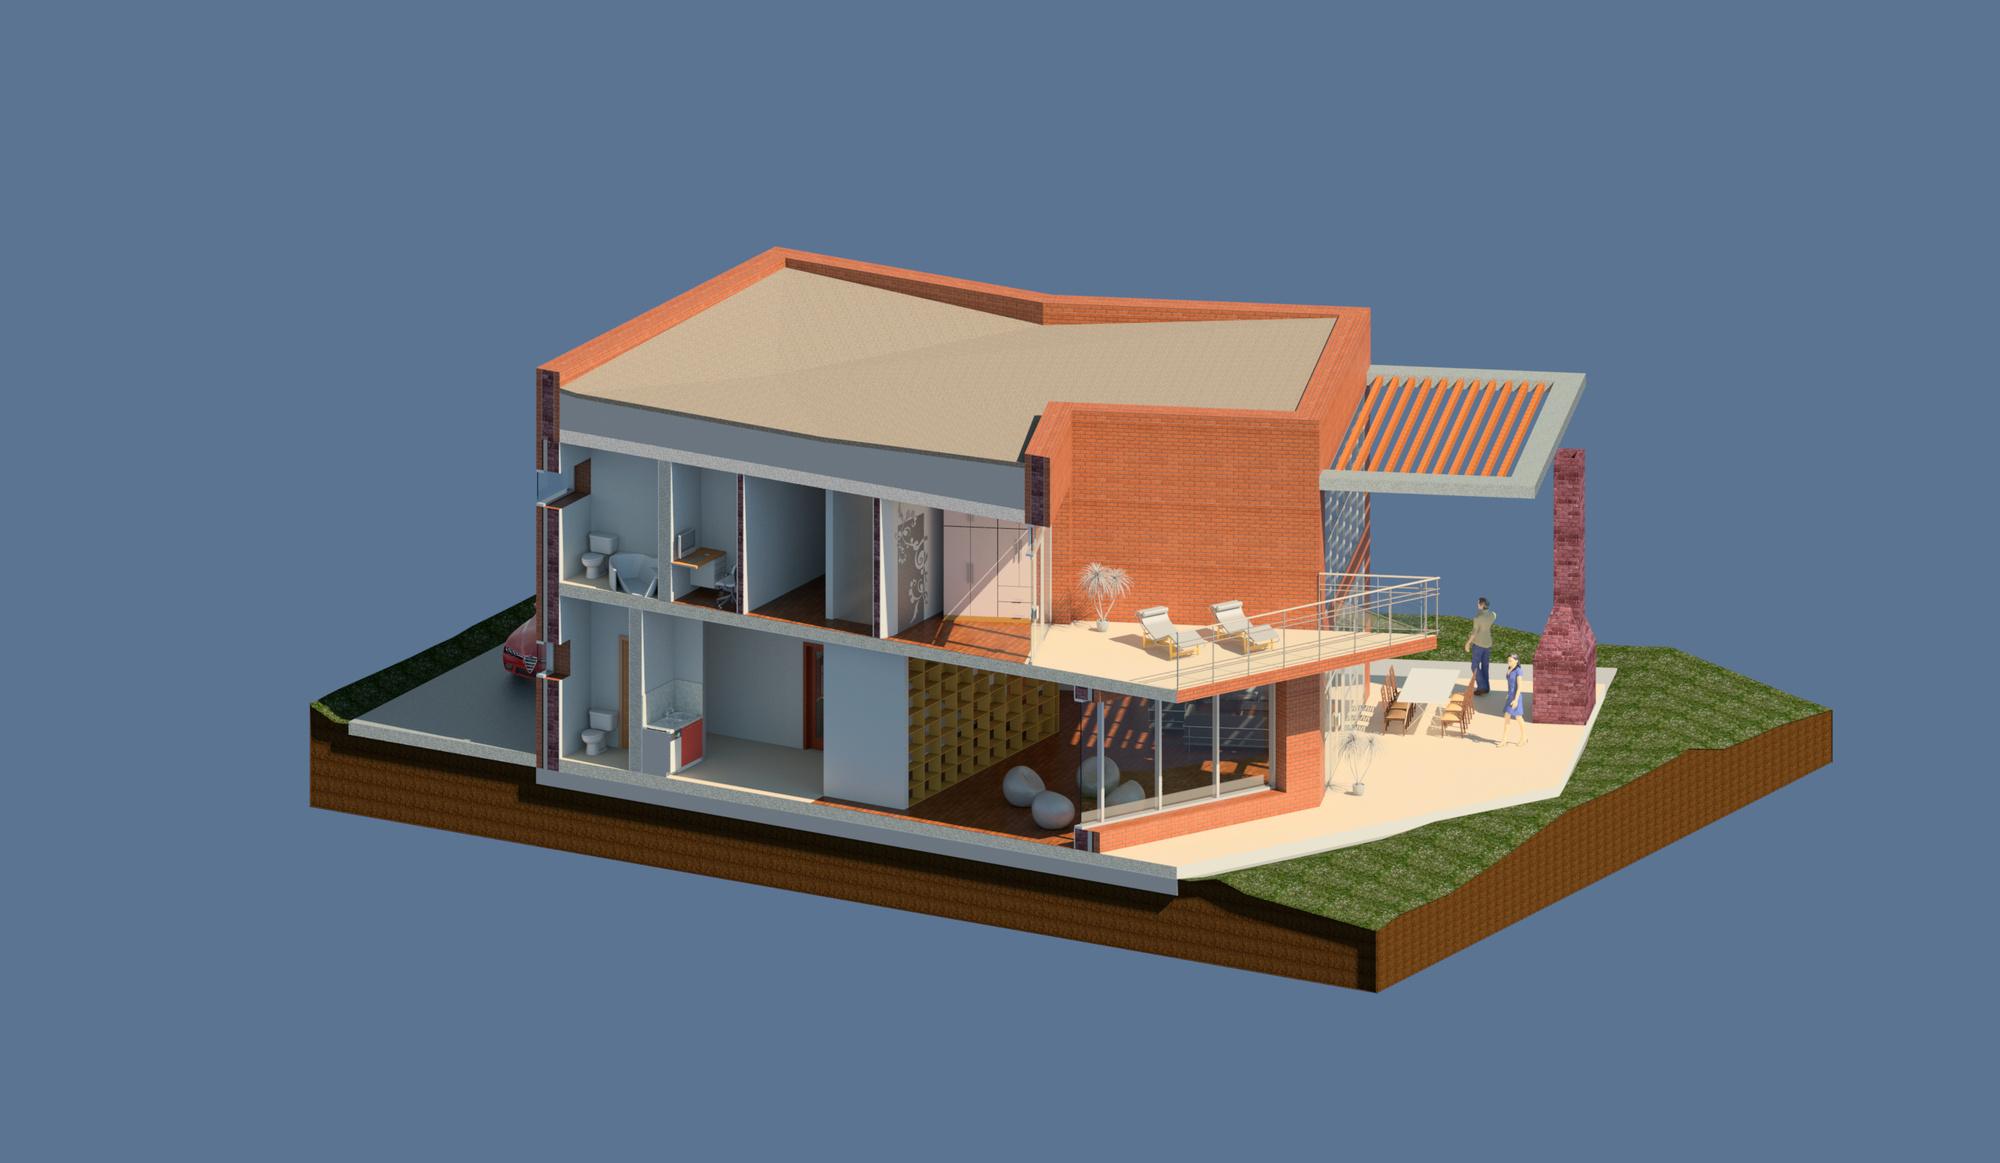 Raas-rendering20150604-11991-1pcmxmo